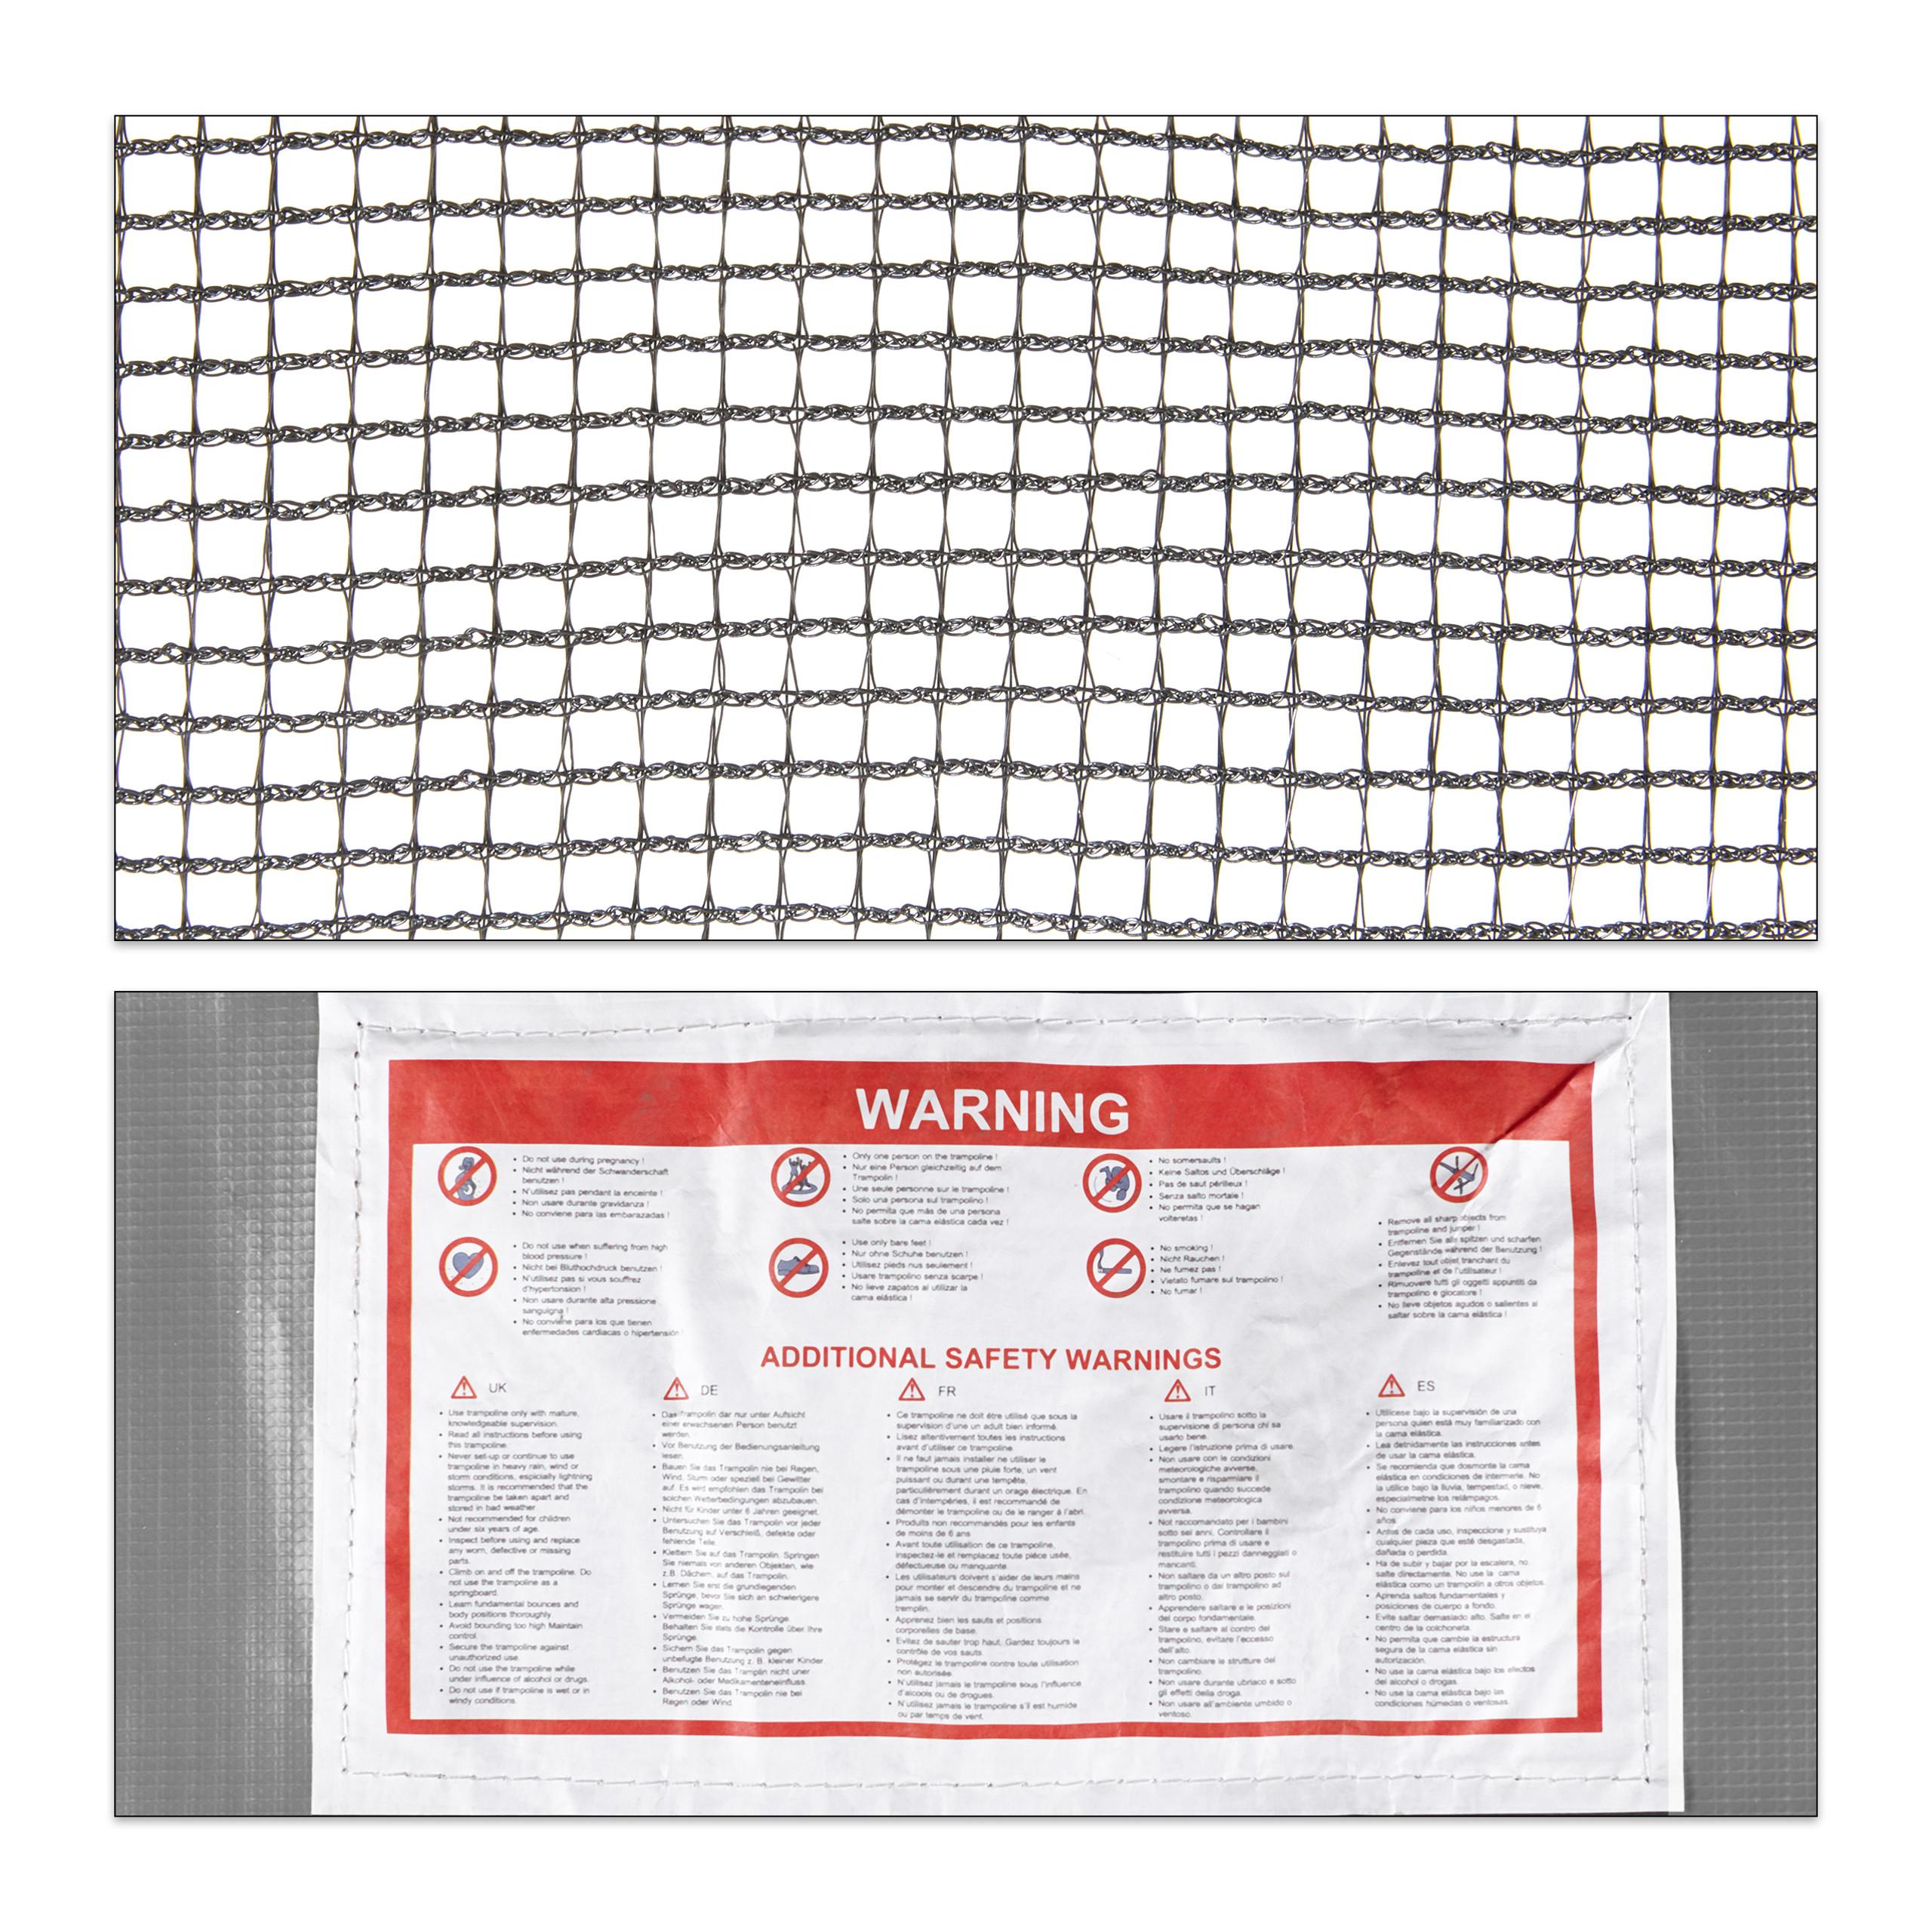 Rahmennetz Bodensicherungsnetz Gartentrampolin Trampolinnetz unten Schutznetz